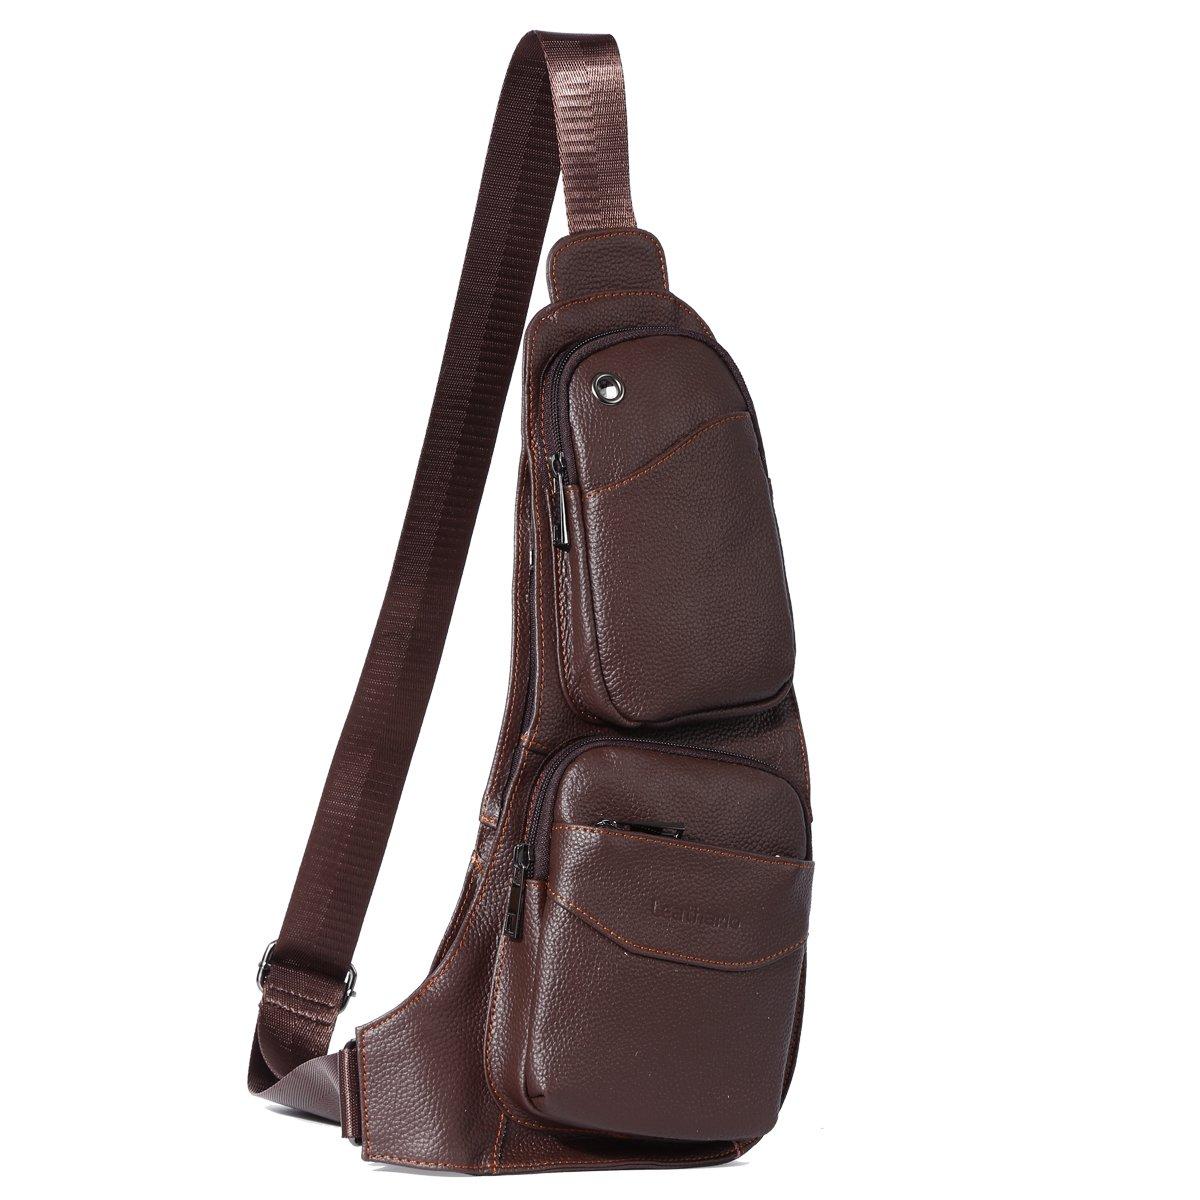 Leathario bolso mochila de pecho piel cuero para hombres con La primera capa cuero de color marrón para diario o trabajo. LB2X010072